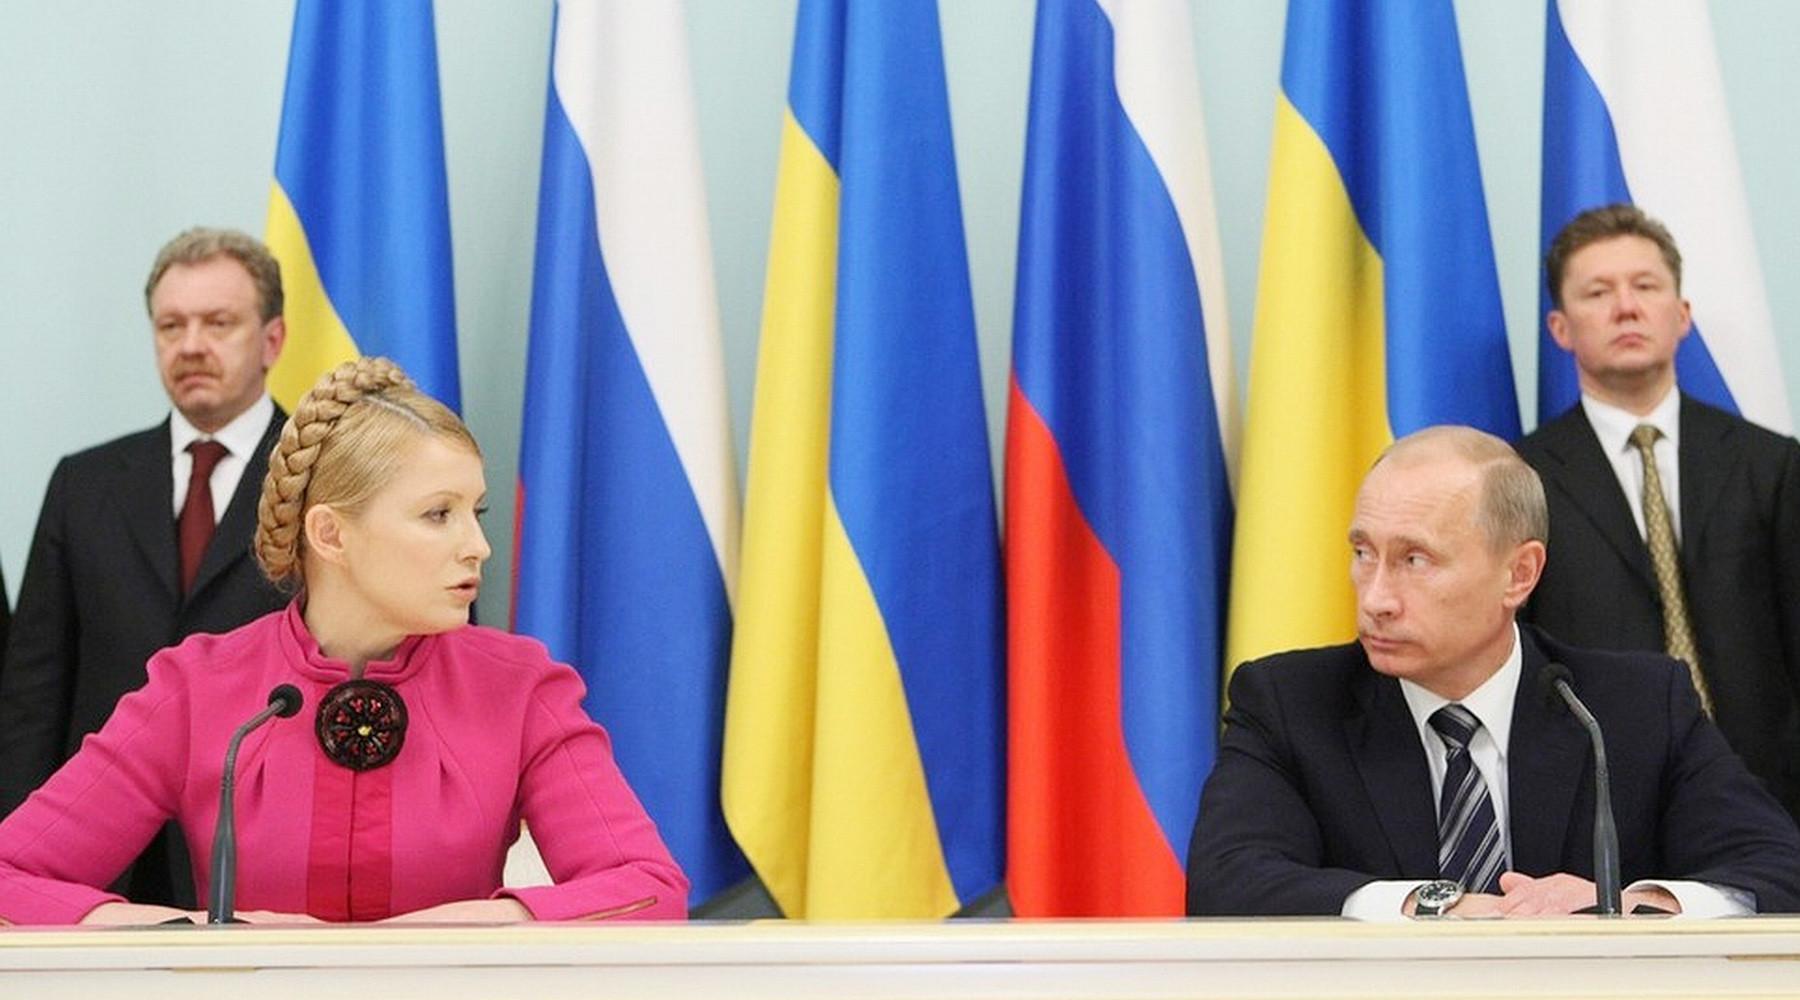 Тимошенко: Украина одолела вСтокгольмском суде благодаря газовому договору 2009 года